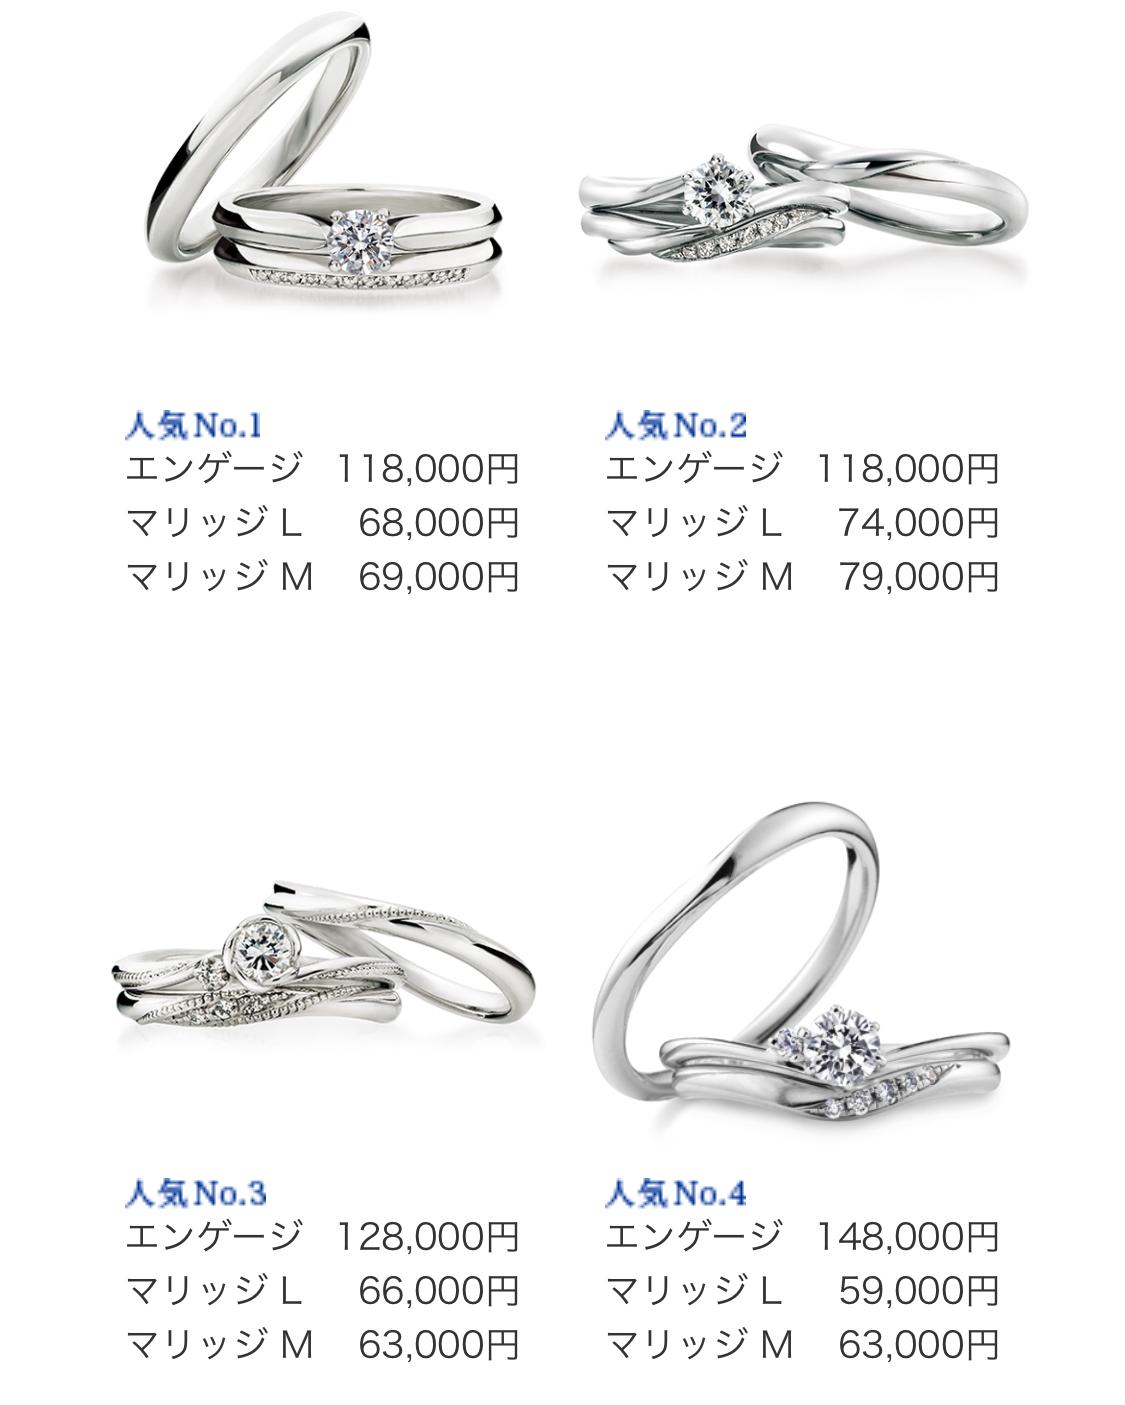 御徒町_婚約指輪(エンゲージリング)結婚指輪(マリッジリング)